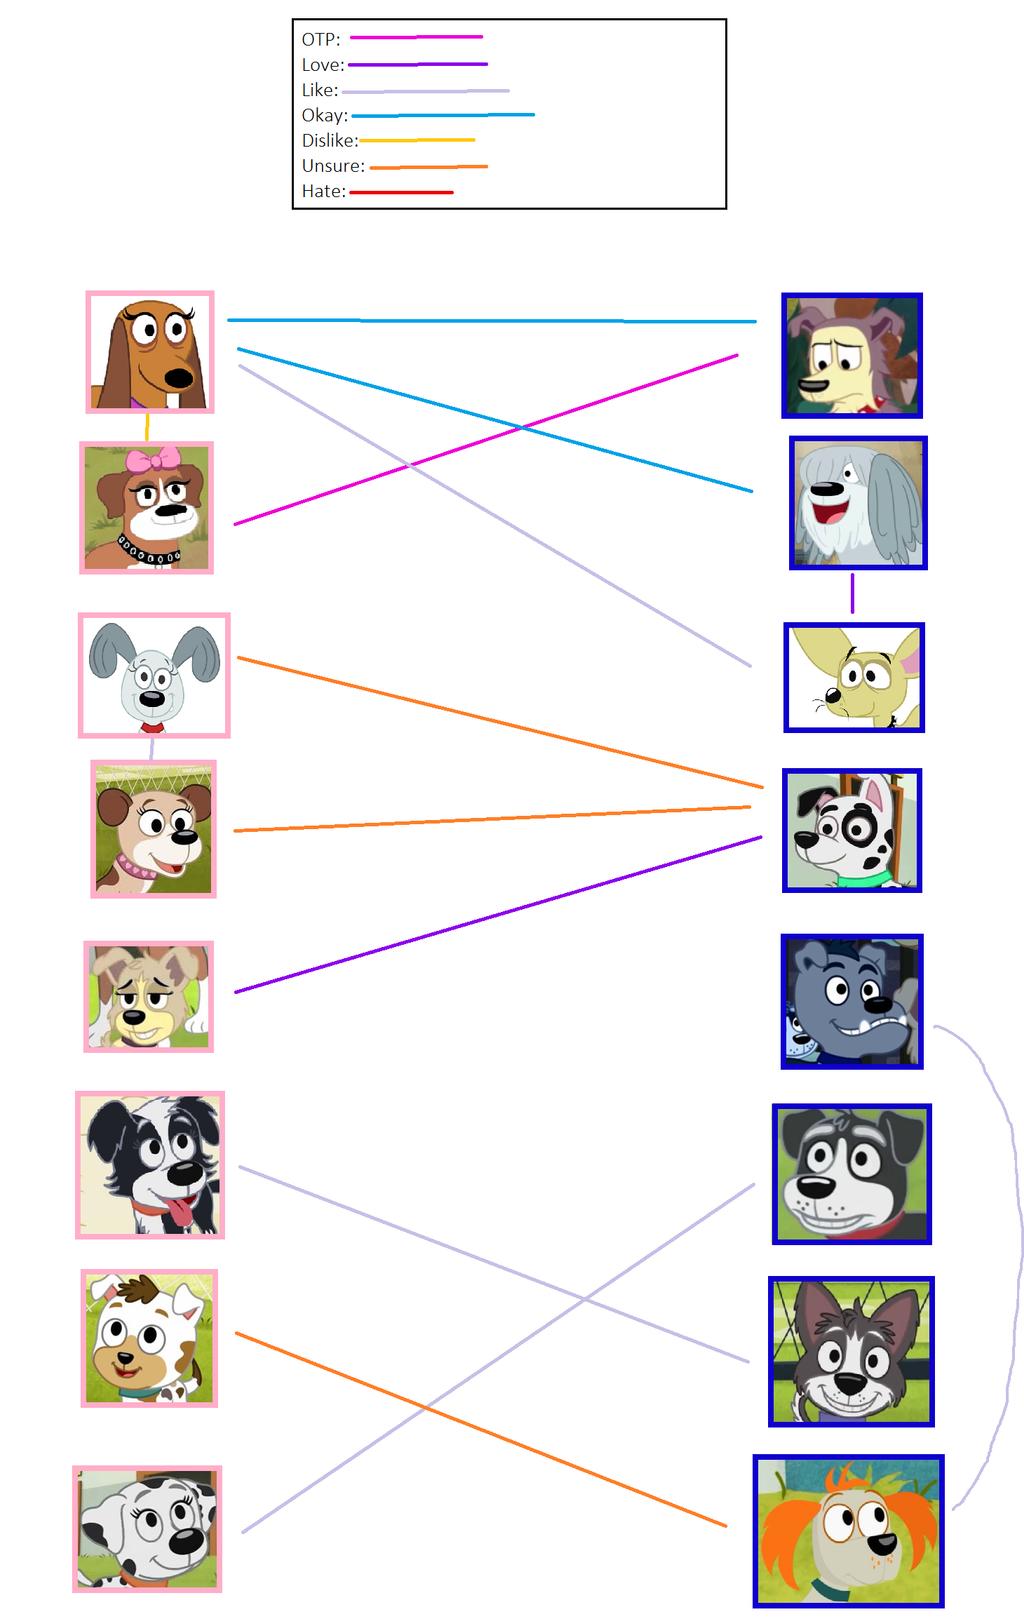 Pound Puppy Ship Meme by Green Puppy on DeviantArt